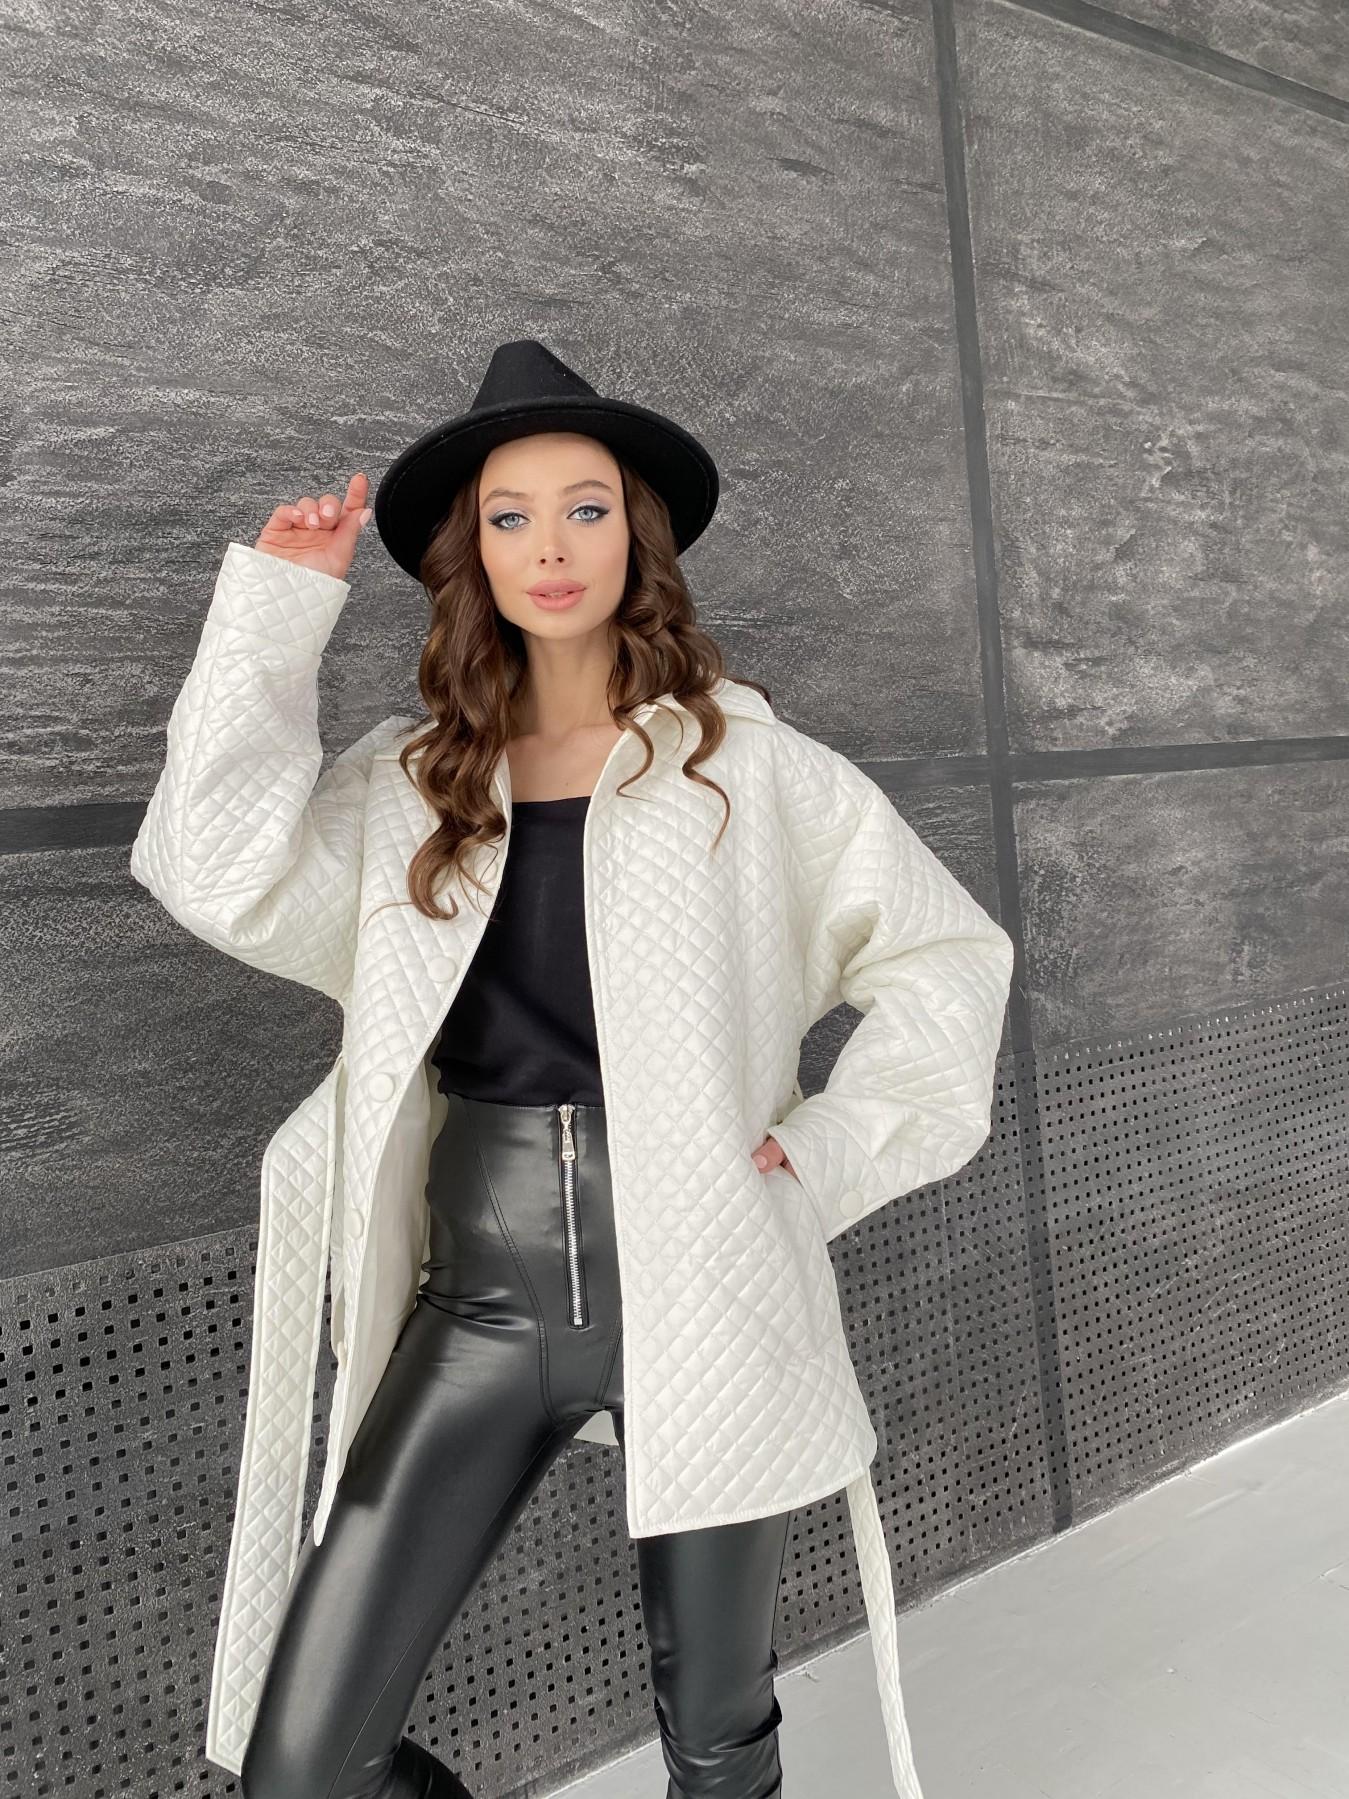 Моно куртка стеганая из  плащевой ткани 11045 АРТ. 47530 Цвет: Молоко - фото 7, интернет магазин tm-modus.ru